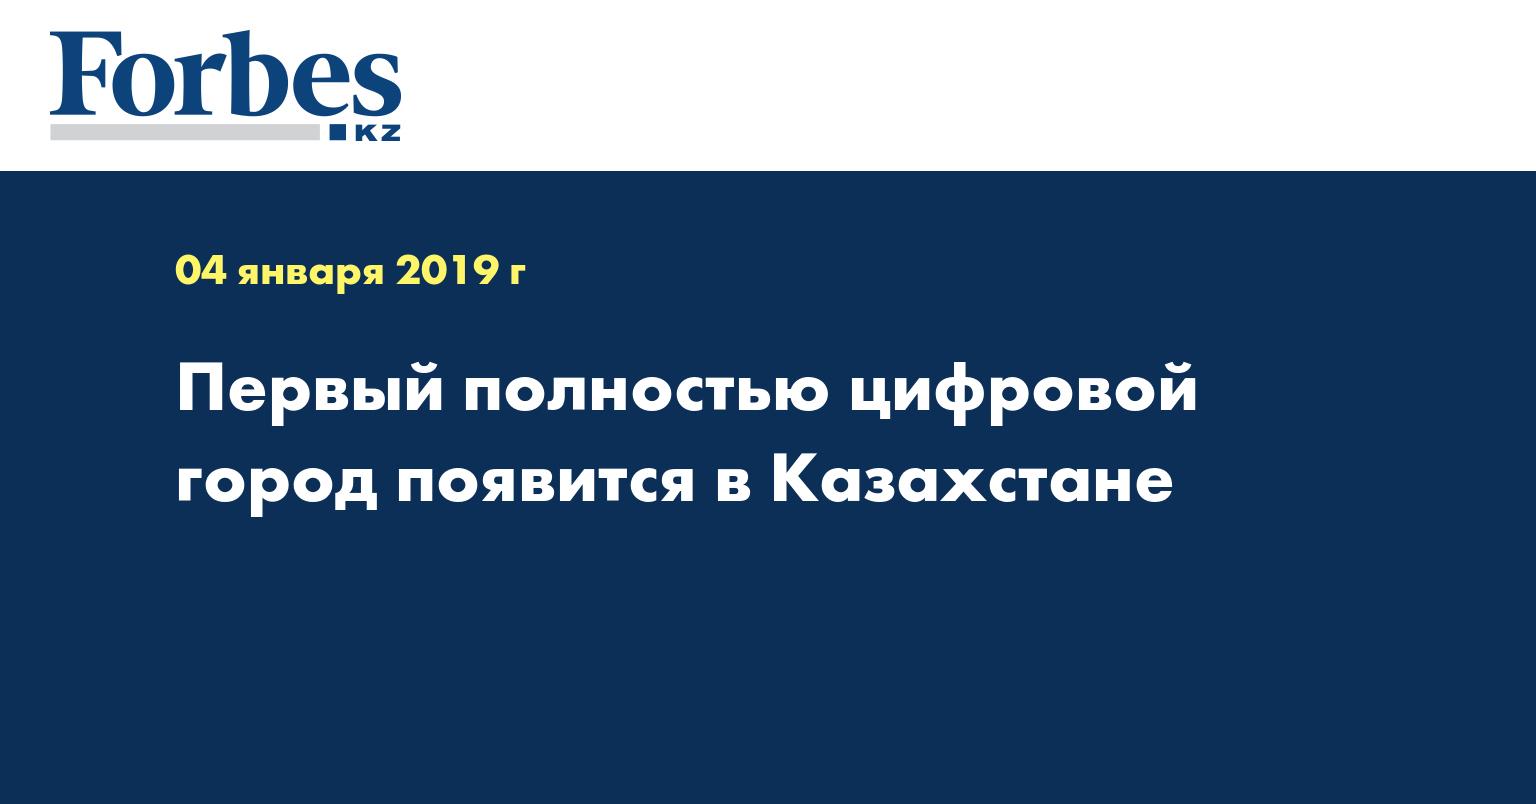 Первый полностью цифровой город появится в Казахстане